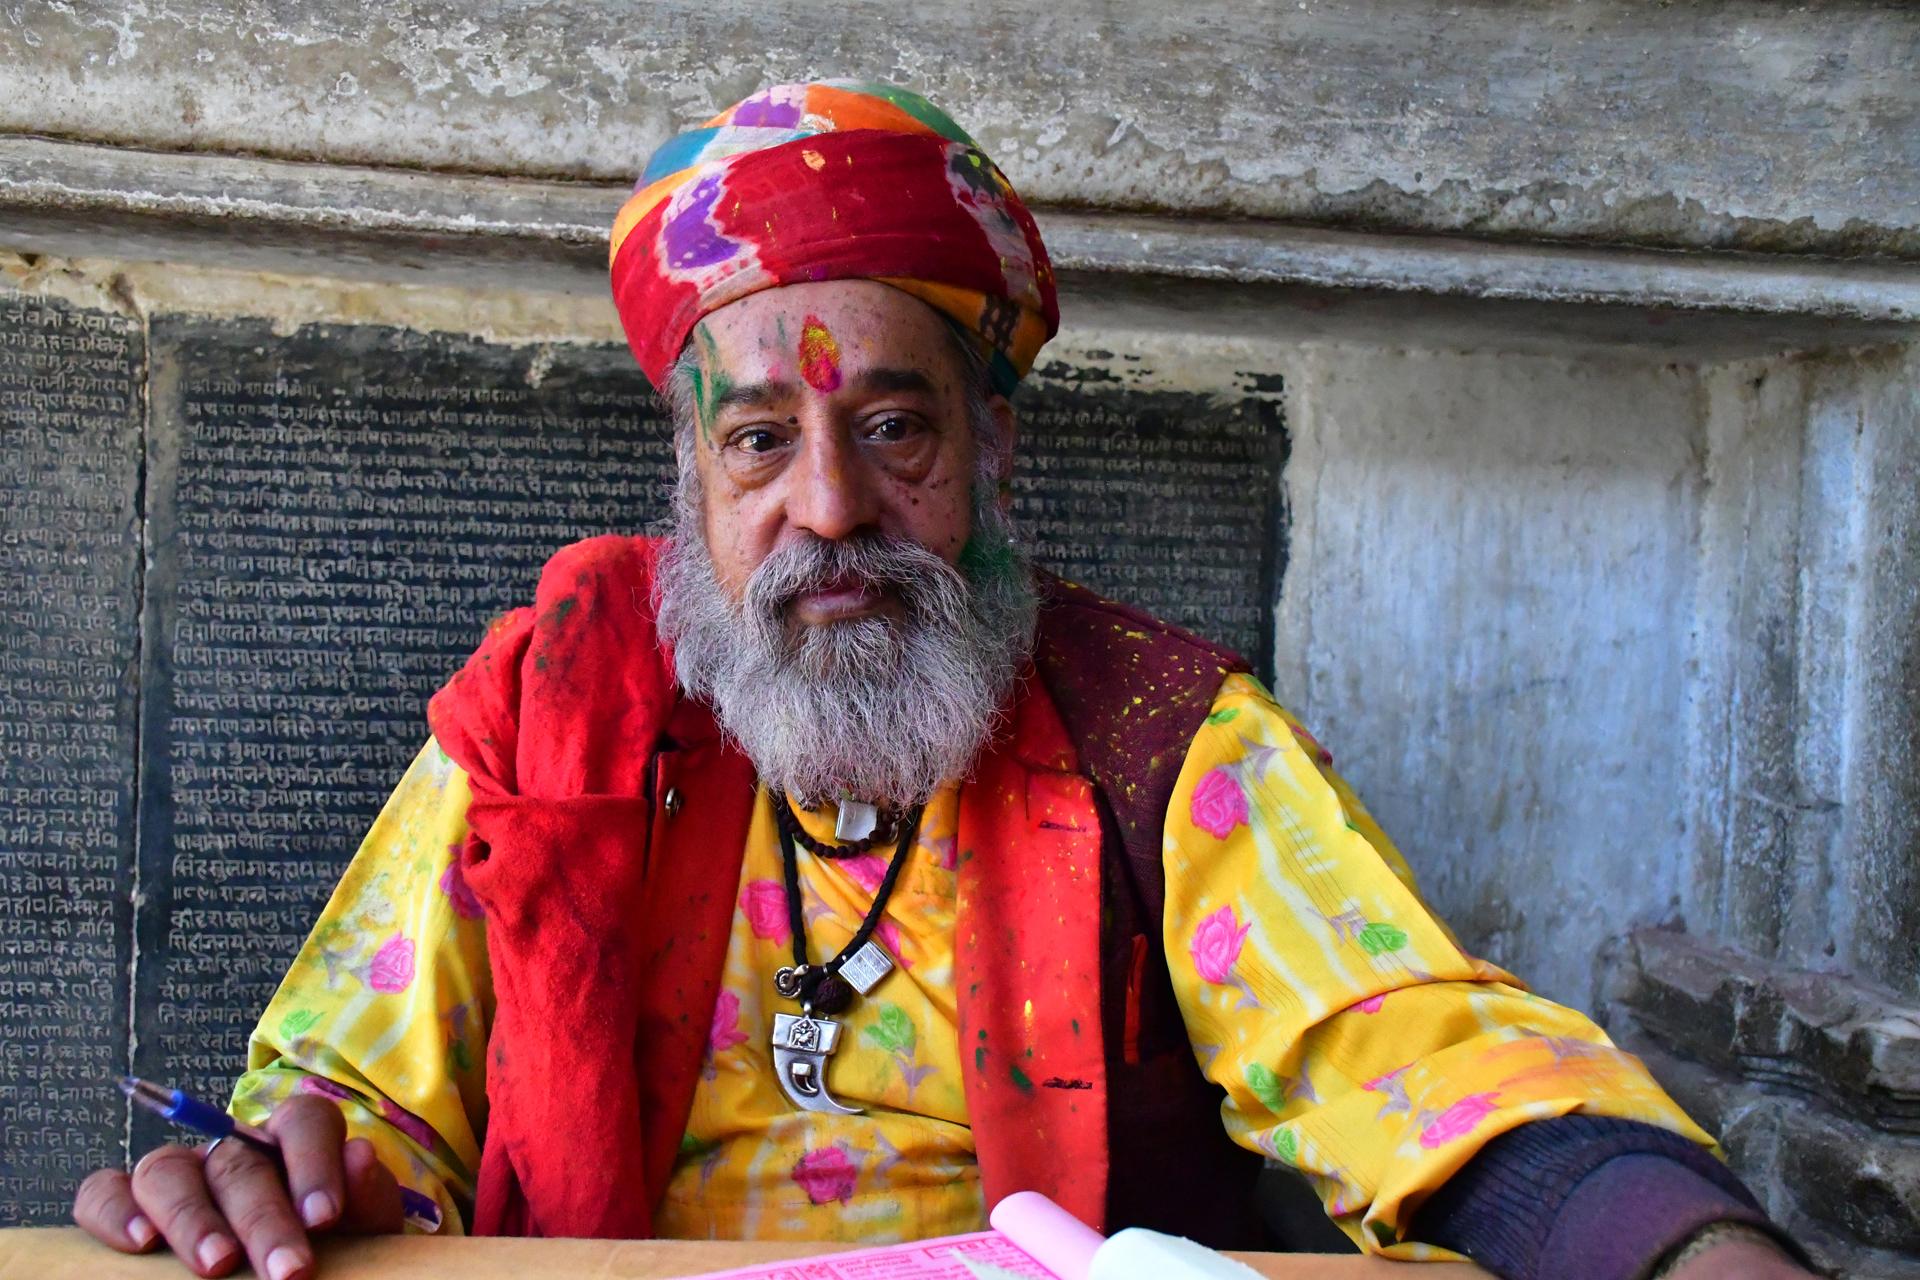 אודייפור הודו - נזיר - צבע - יואל שתרוג - אדמה יוצרת - yoel sitruk